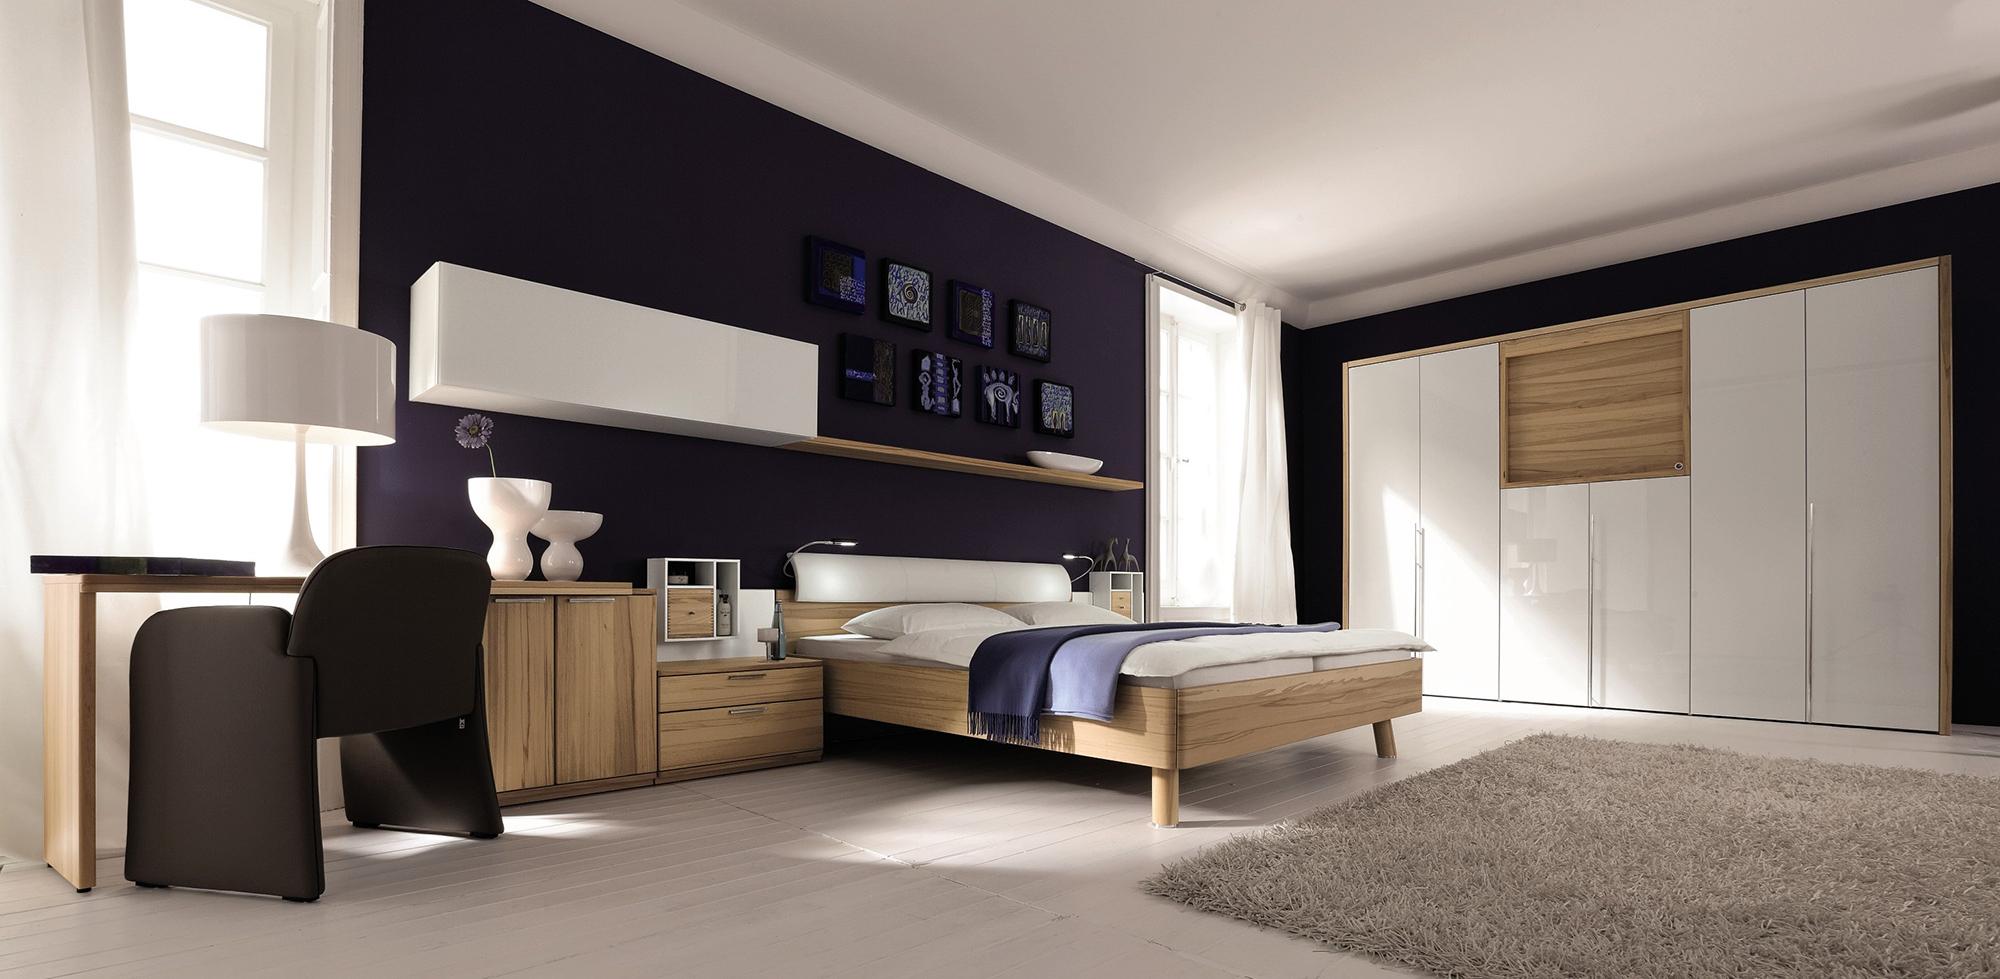 Бежево-белая мебель в спальне в стиле хай-тек